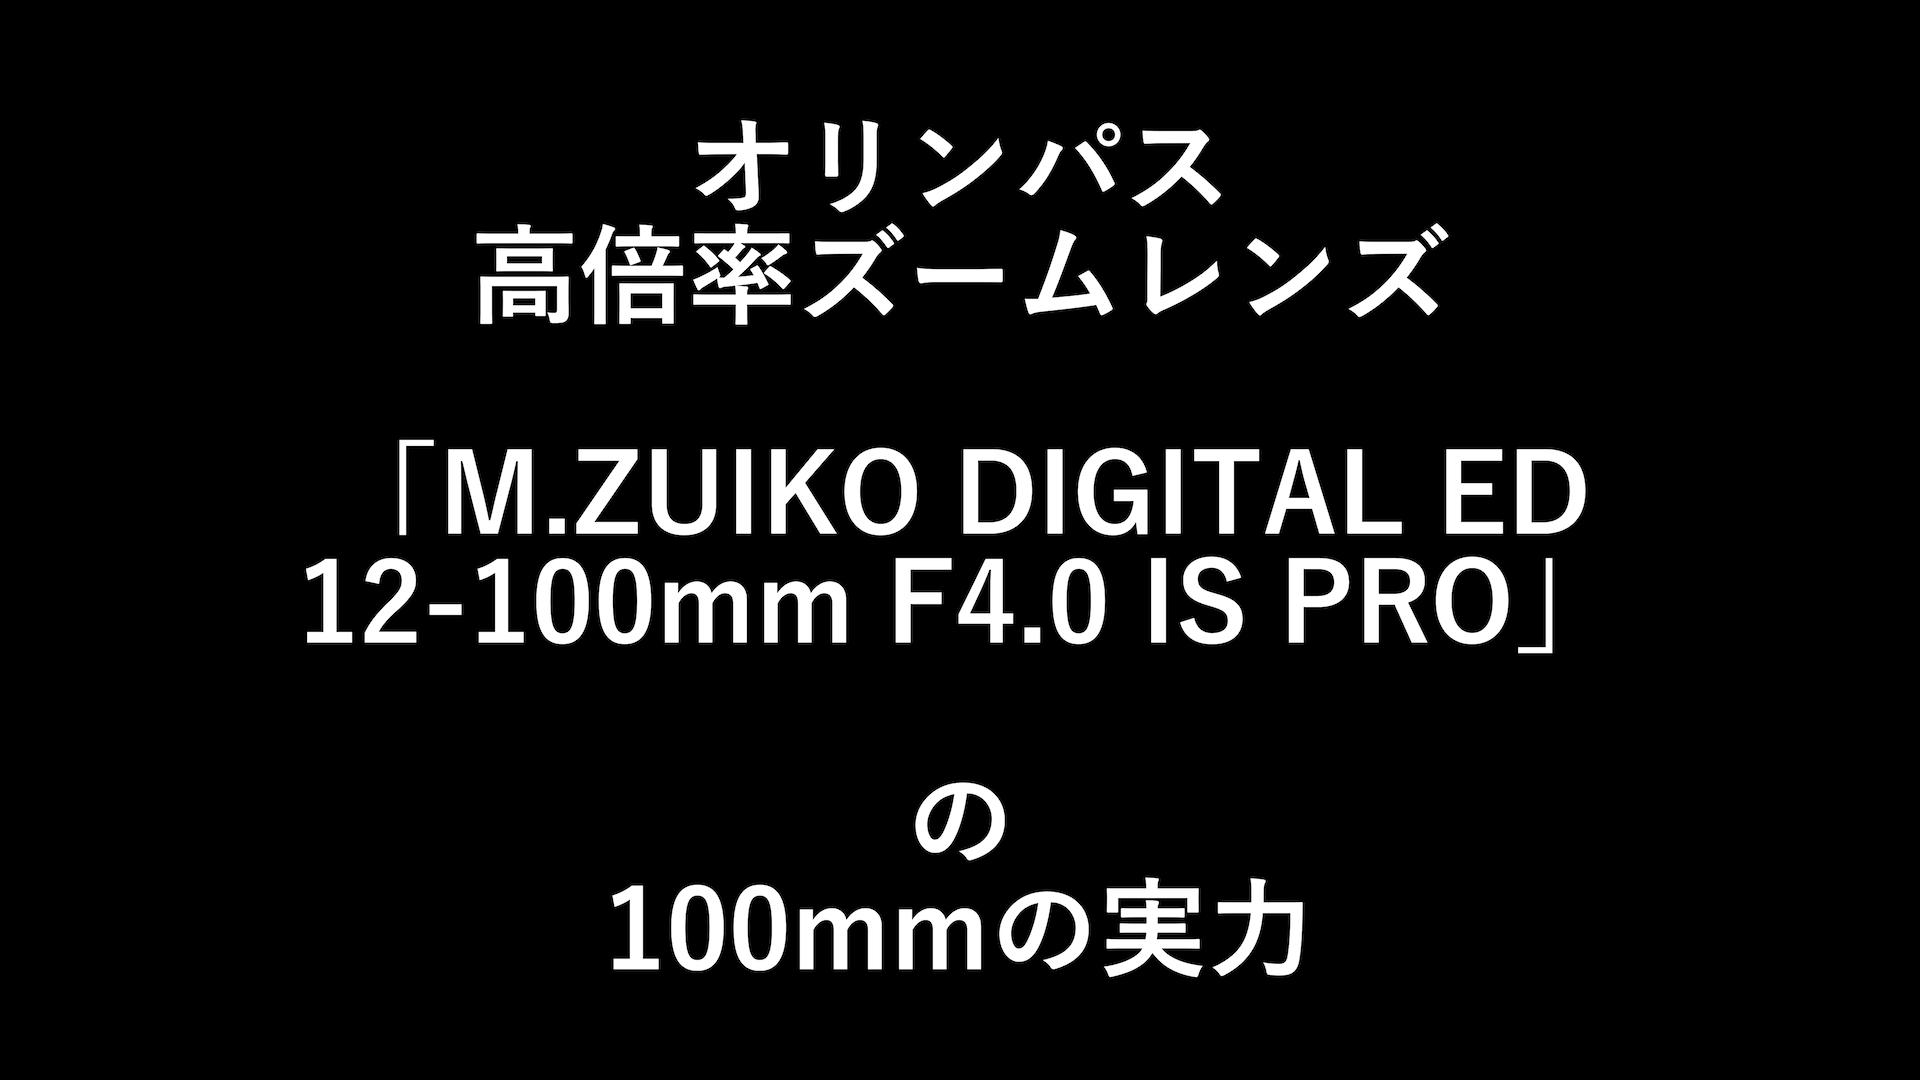 オリンパス「M.ZUIKO DIGITAL ED 12-100mm F4.0 IS PRO」の焦点距離100mmの実力